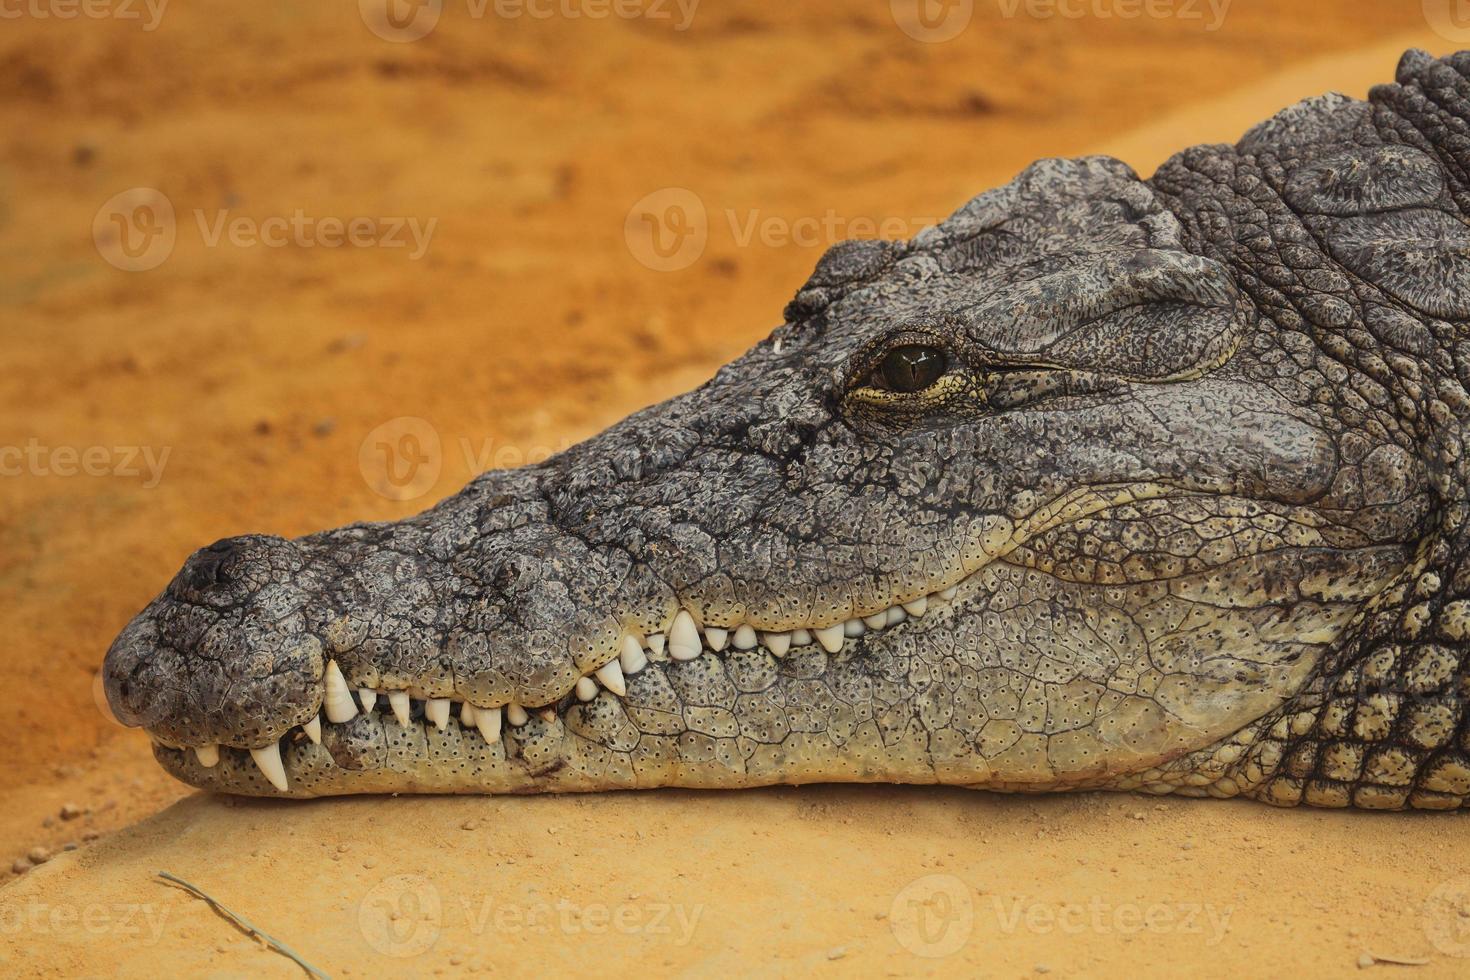 fotografia da cabeça de um crocodilo do Nilo foto